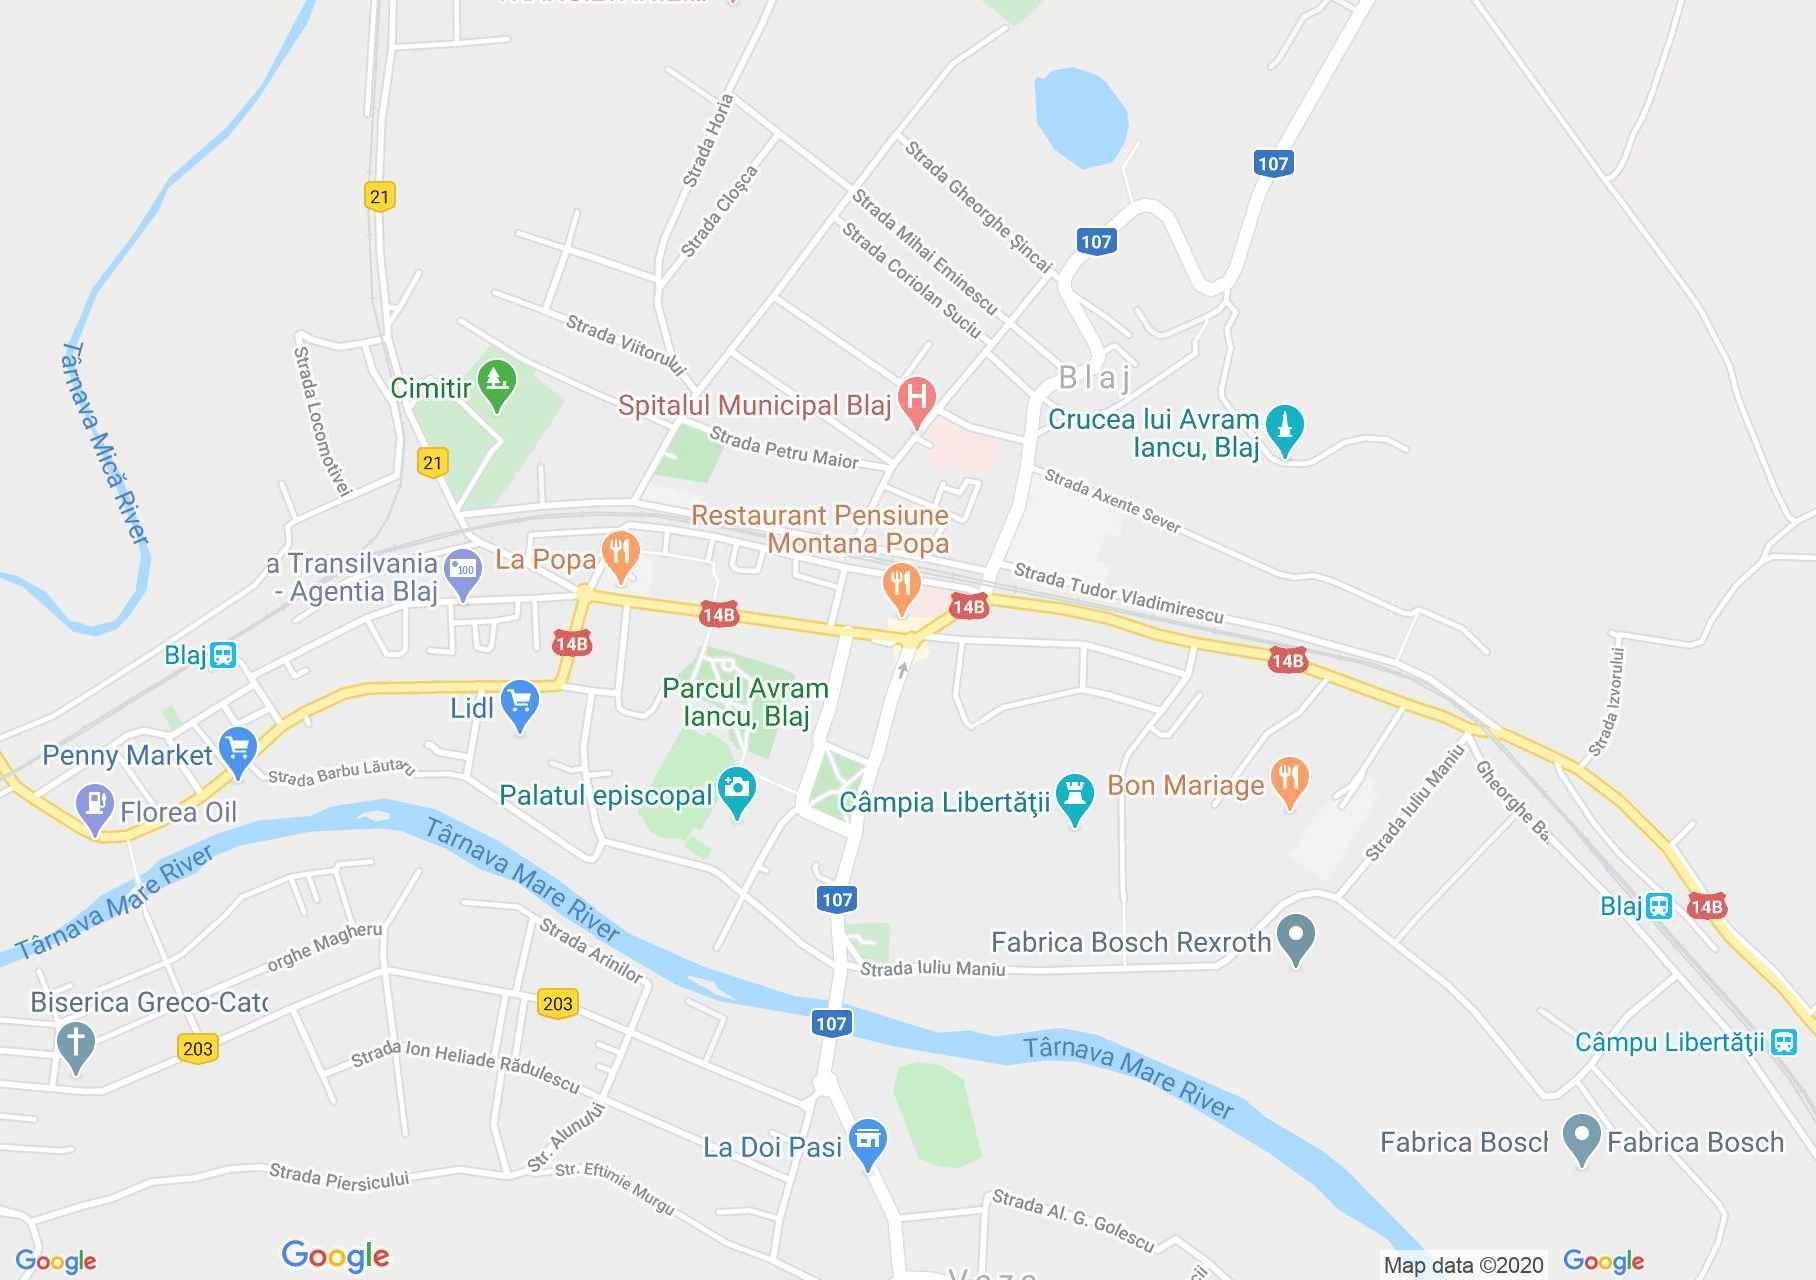 Blaj, Harta turistică interactivă